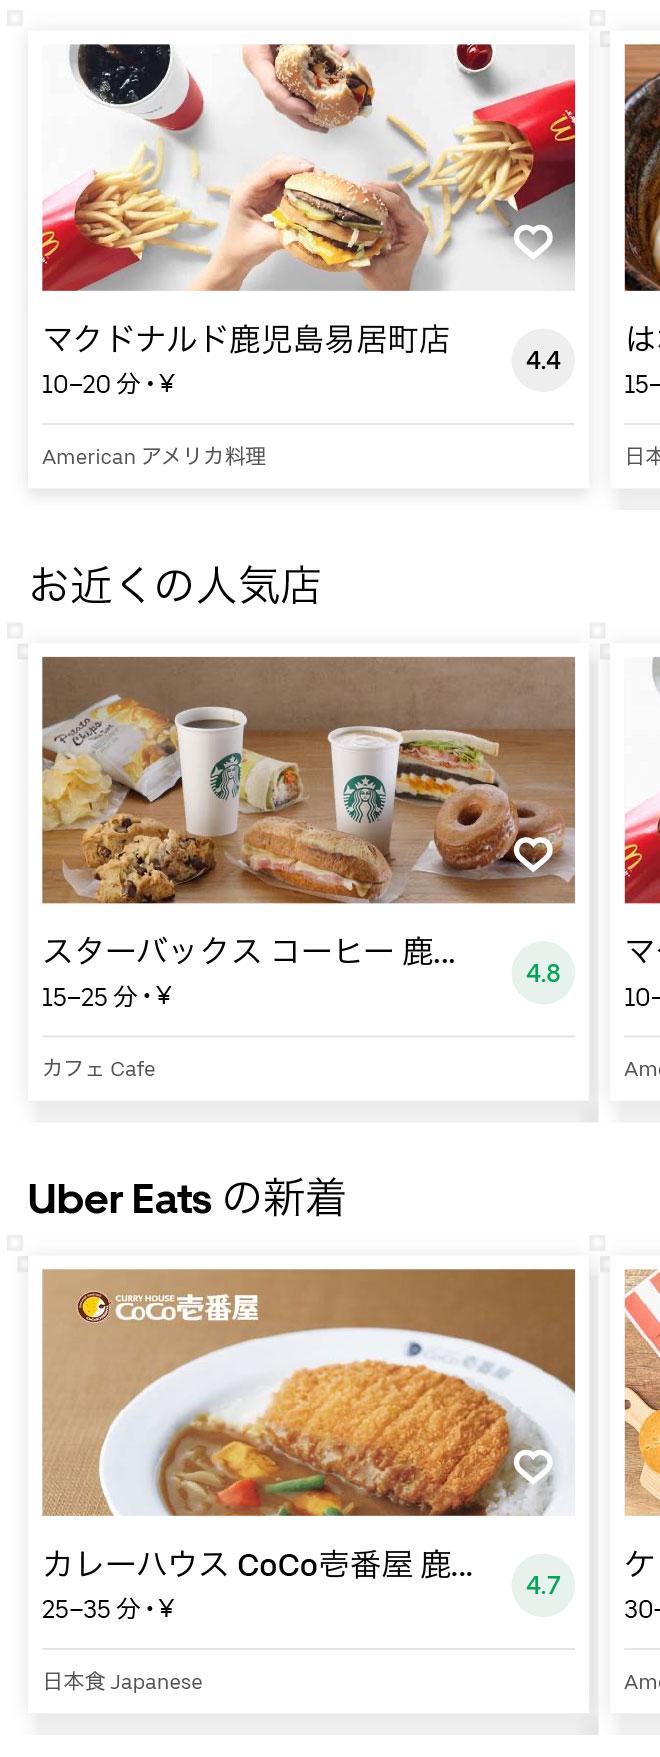 Tenmonkan menu 2009 1